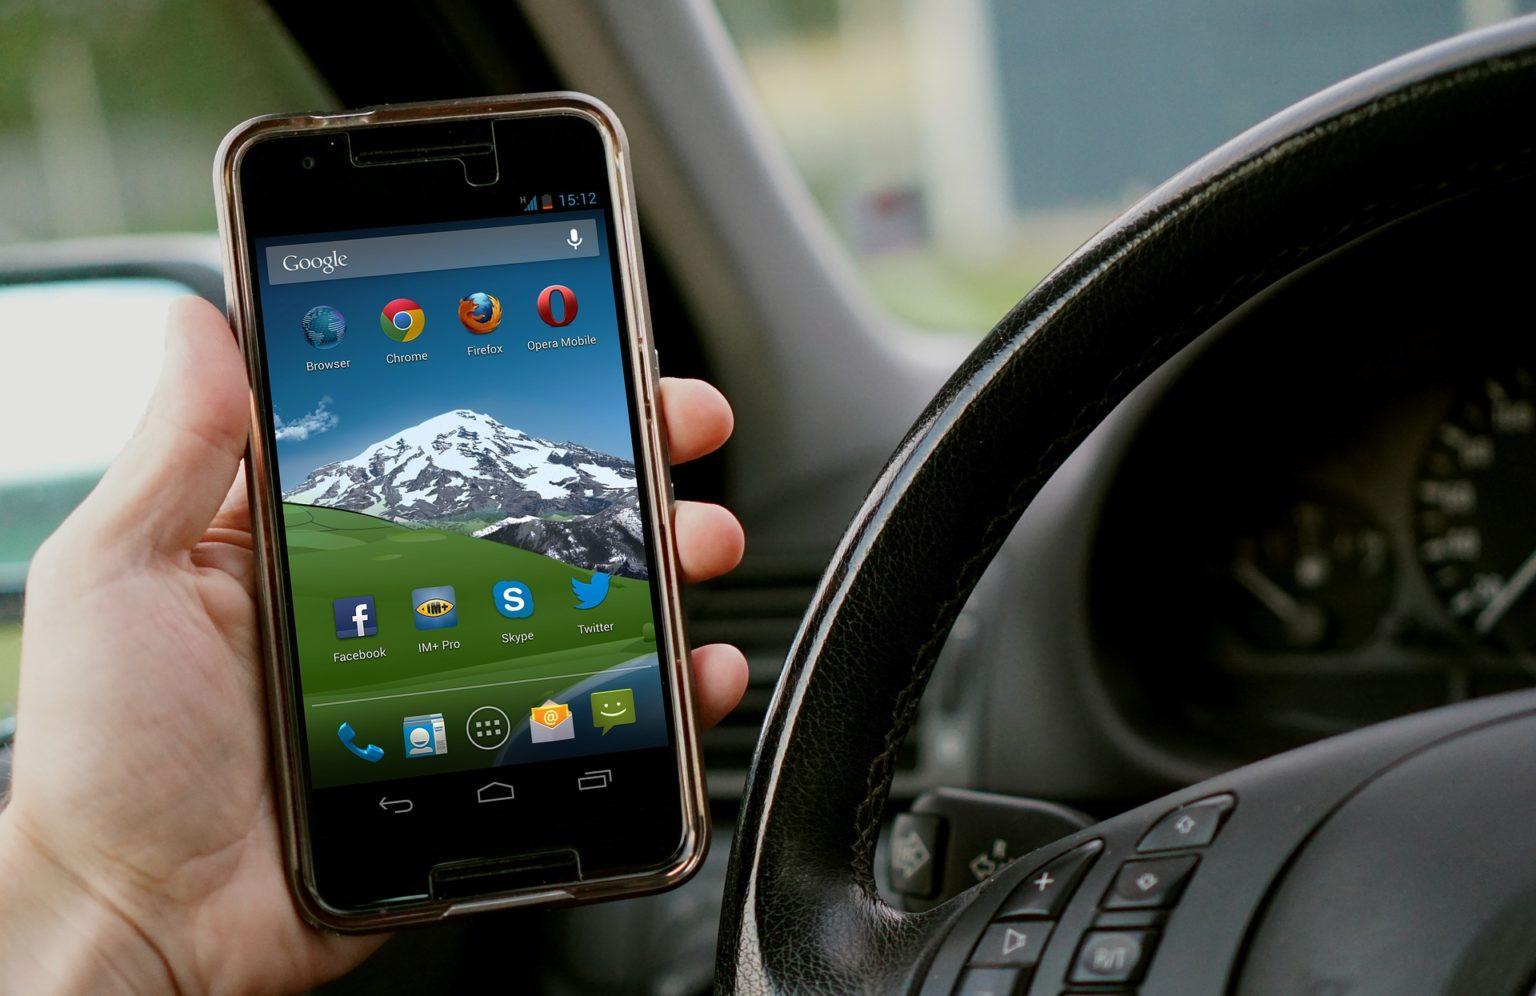 Einspruch bei Handy am Steuer: Wann lohnt sich das?